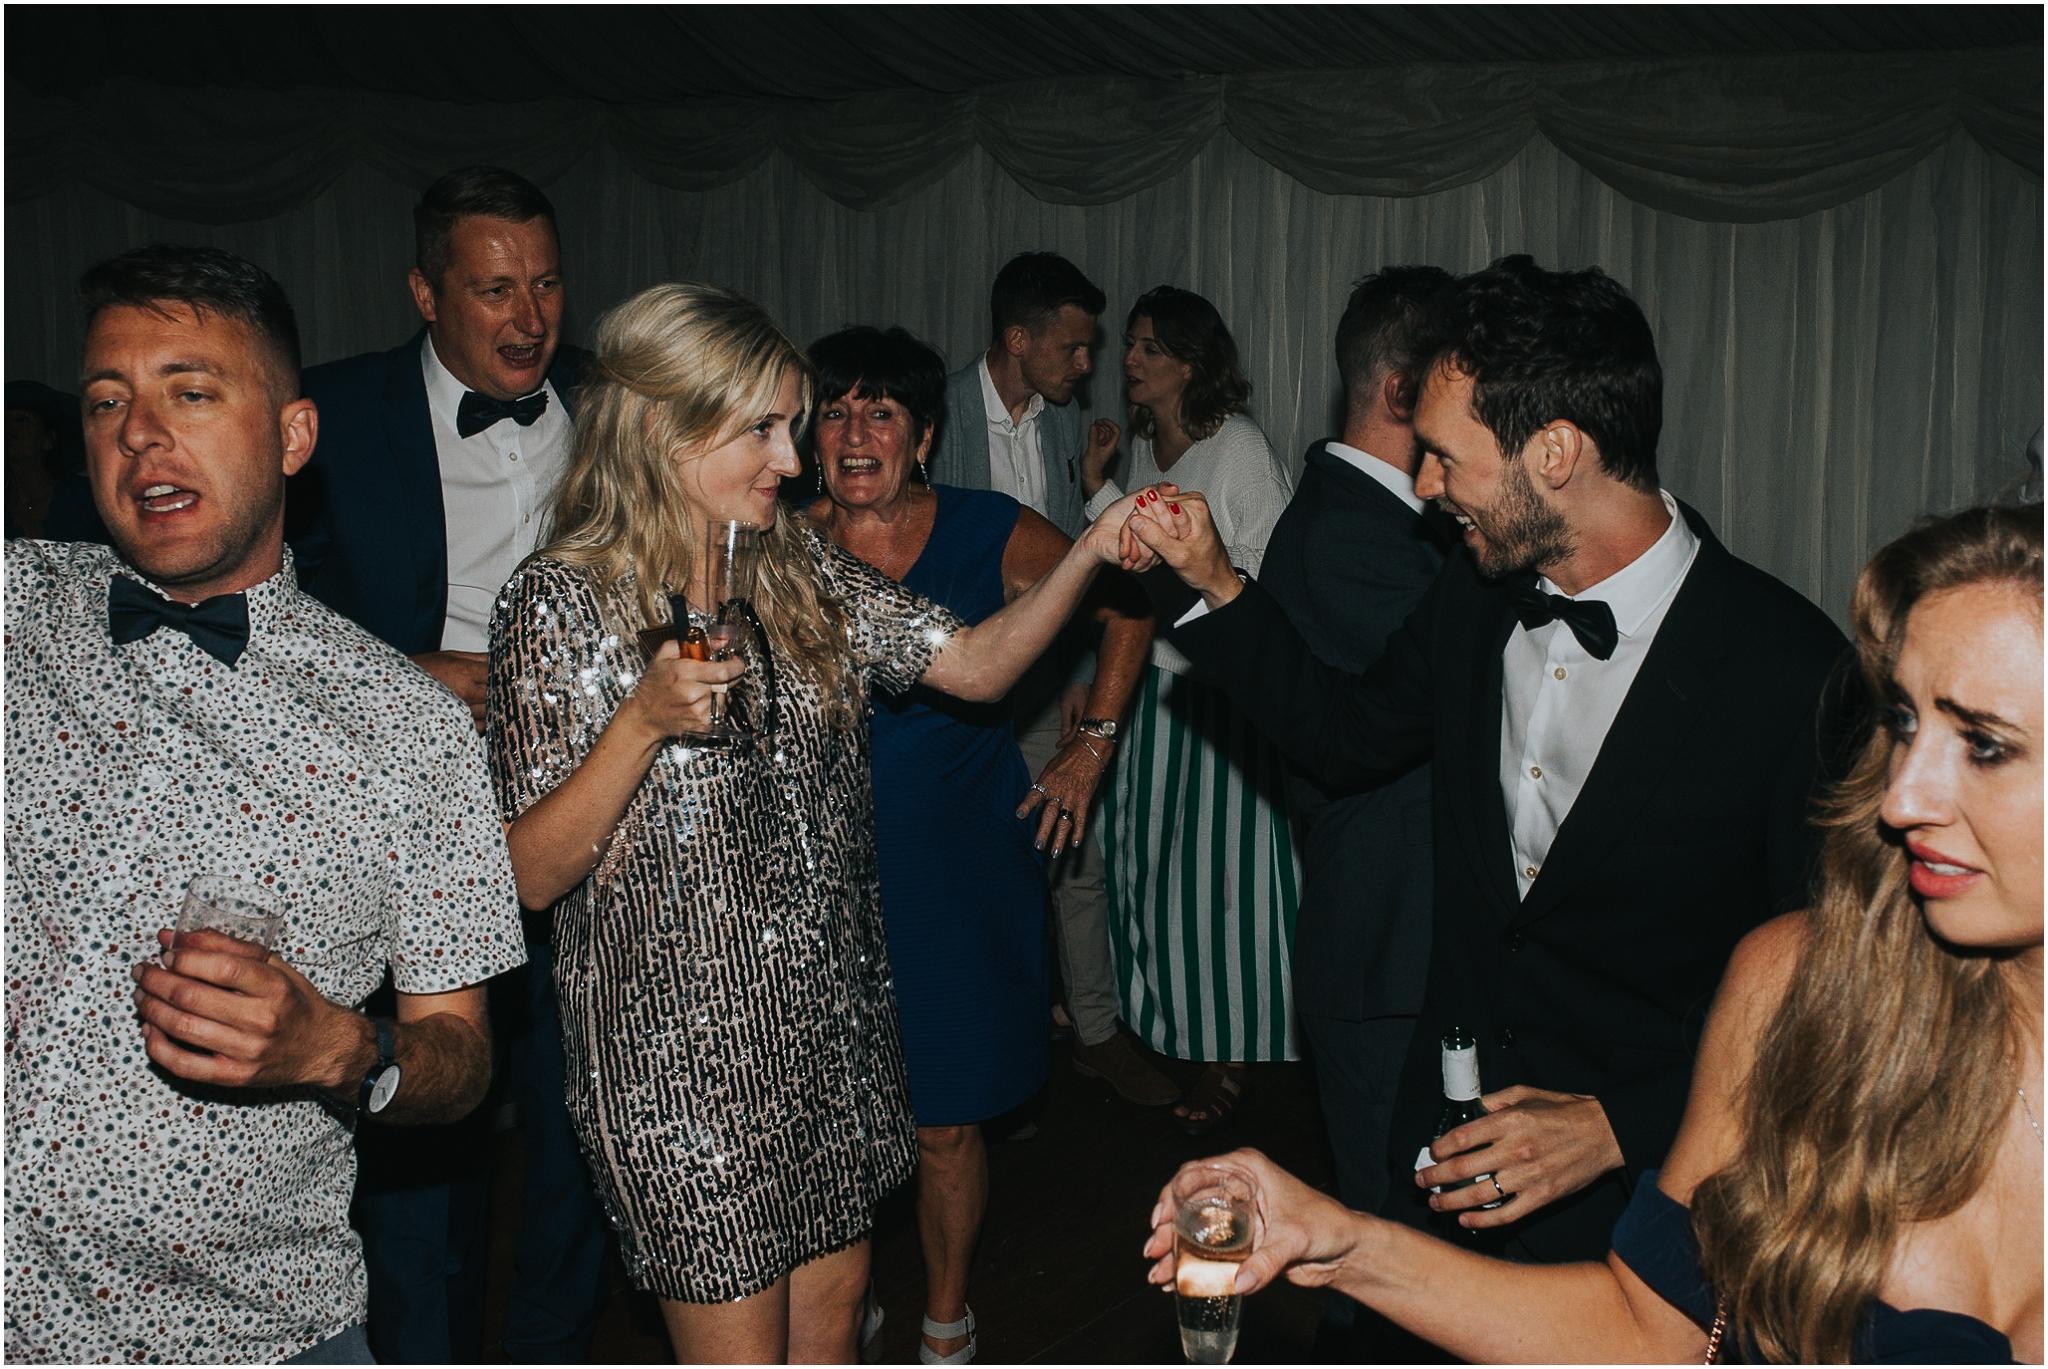 Fun Manchester wedding photographer Tora Baker